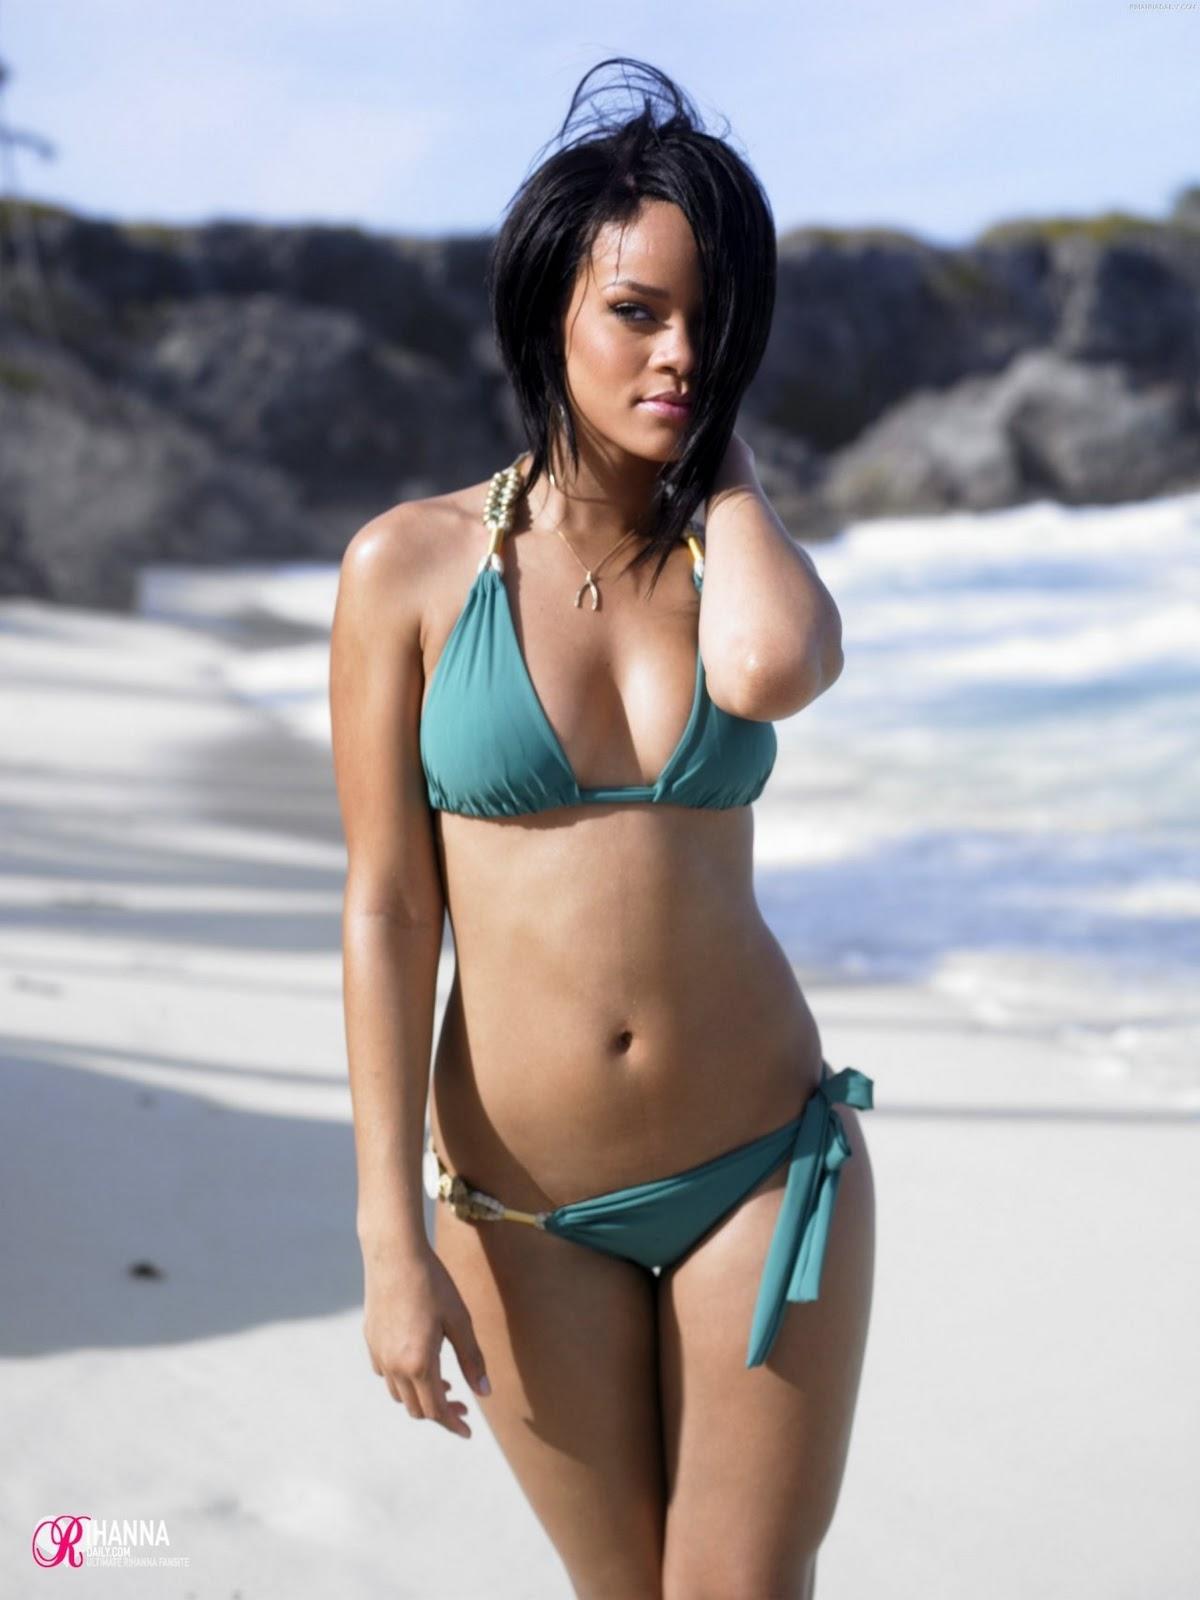 http://1.bp.blogspot.com/-NUGV7GPmRhg/TnYqjJkYduI/AAAAAAAAUlw/0G_4L2NDegM/s1600/Rihanna-beach.jpg